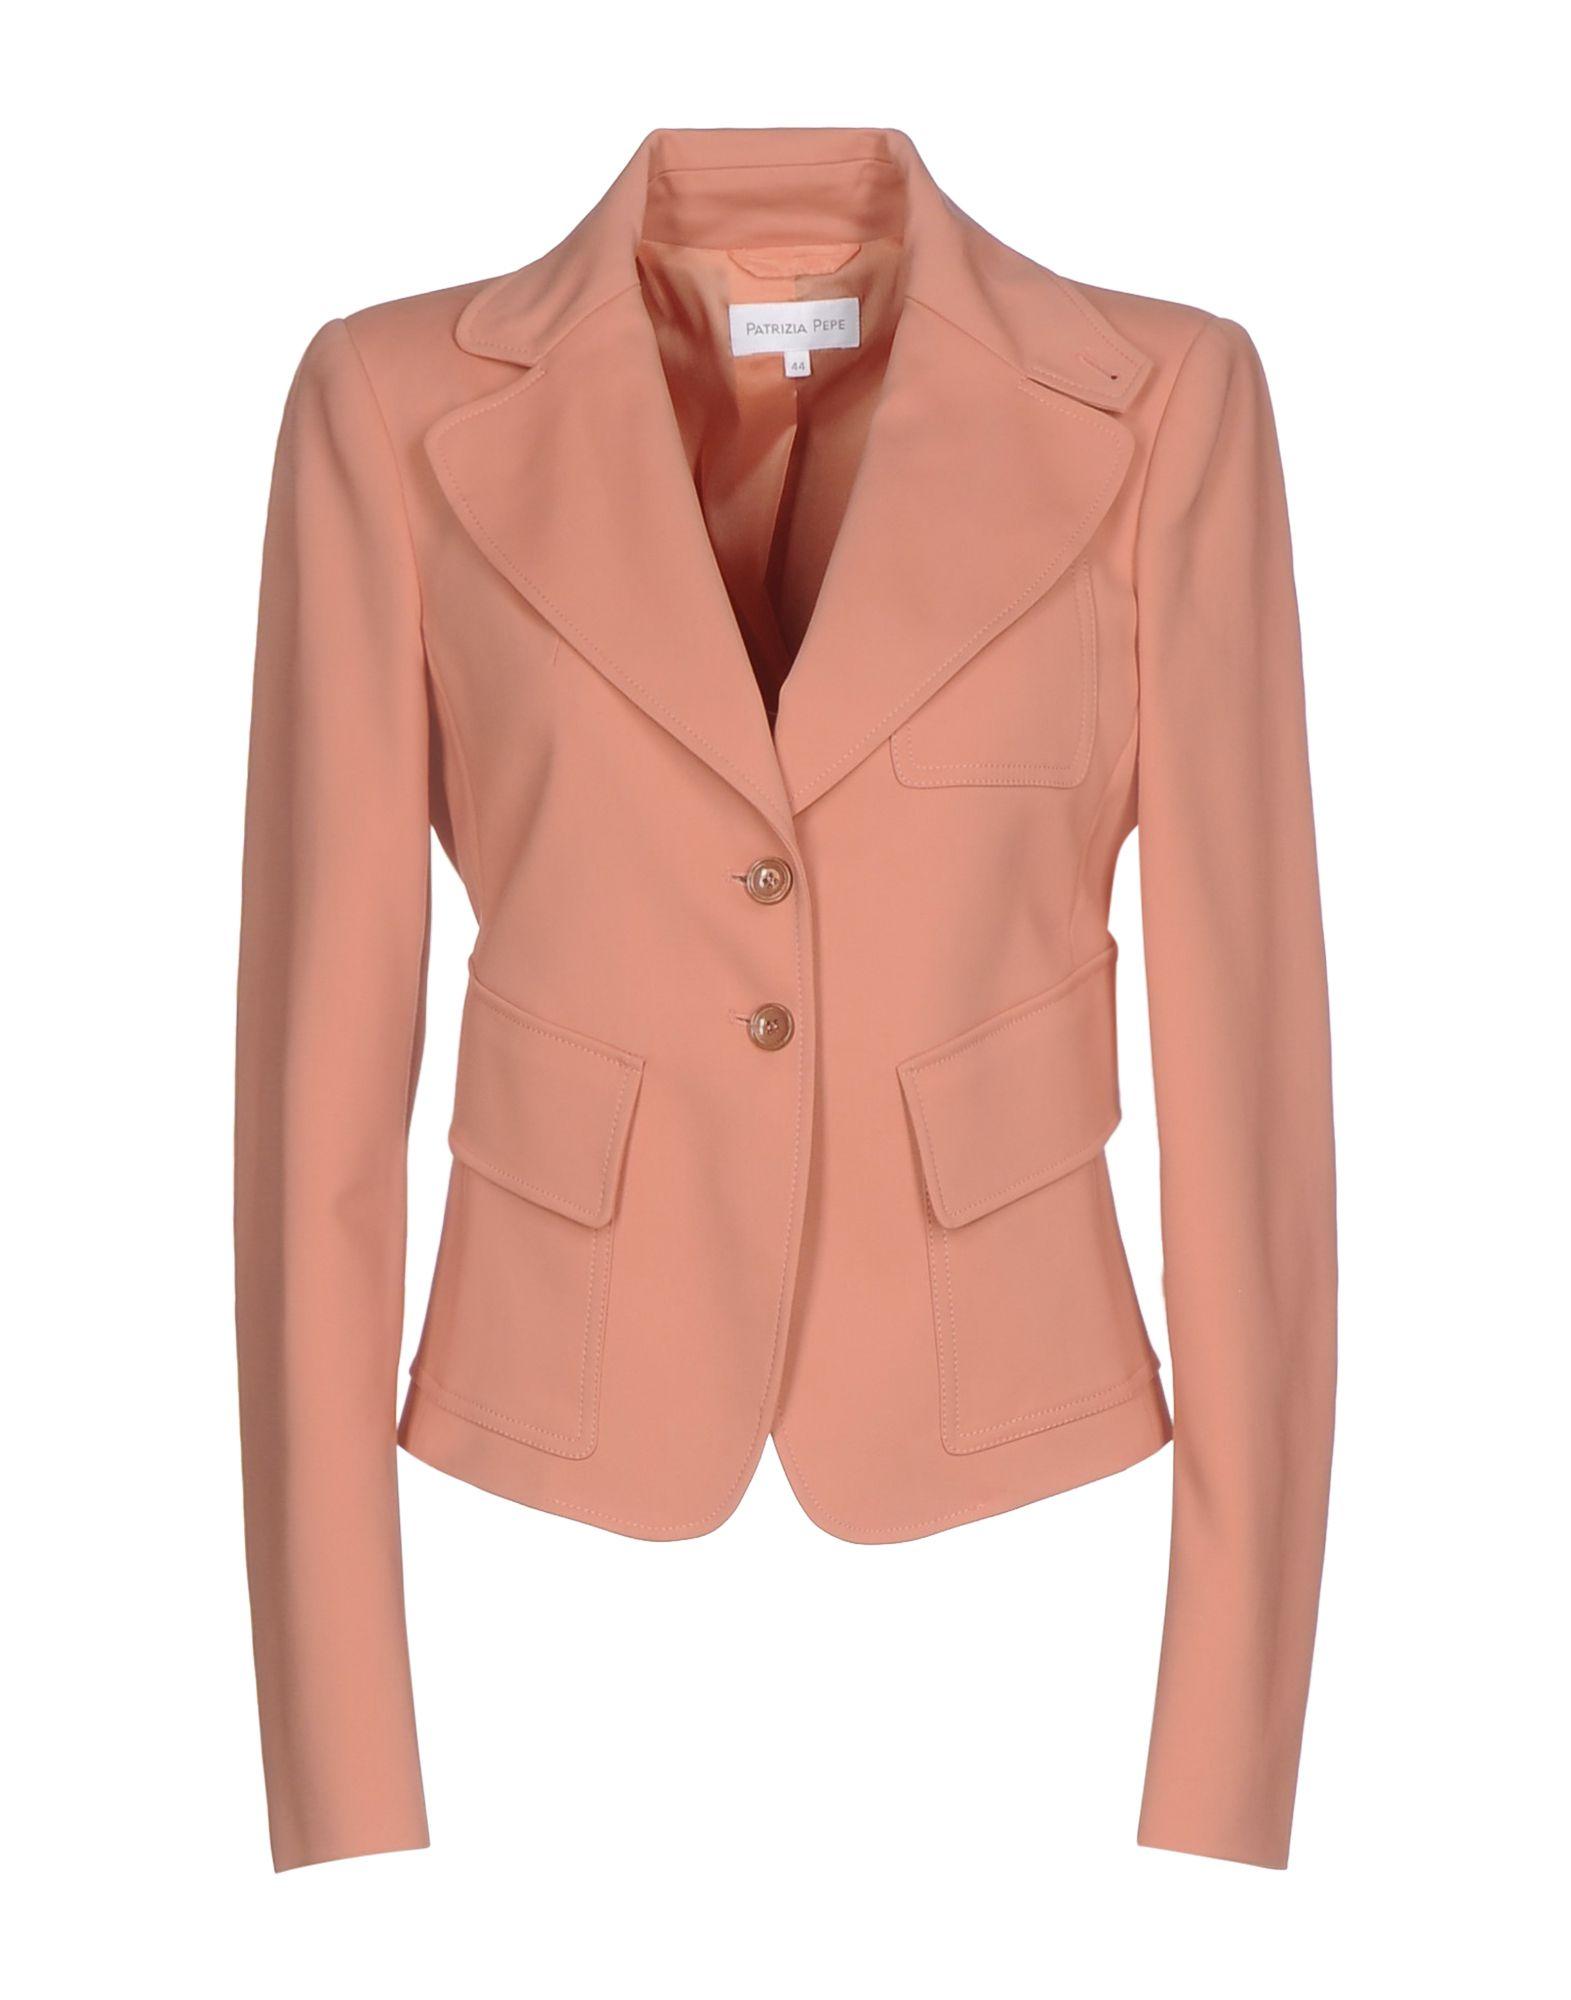 PATRIZIA PEPE Damen Jackett Farbe Lachs Größe 4 jetztbilligerkaufen